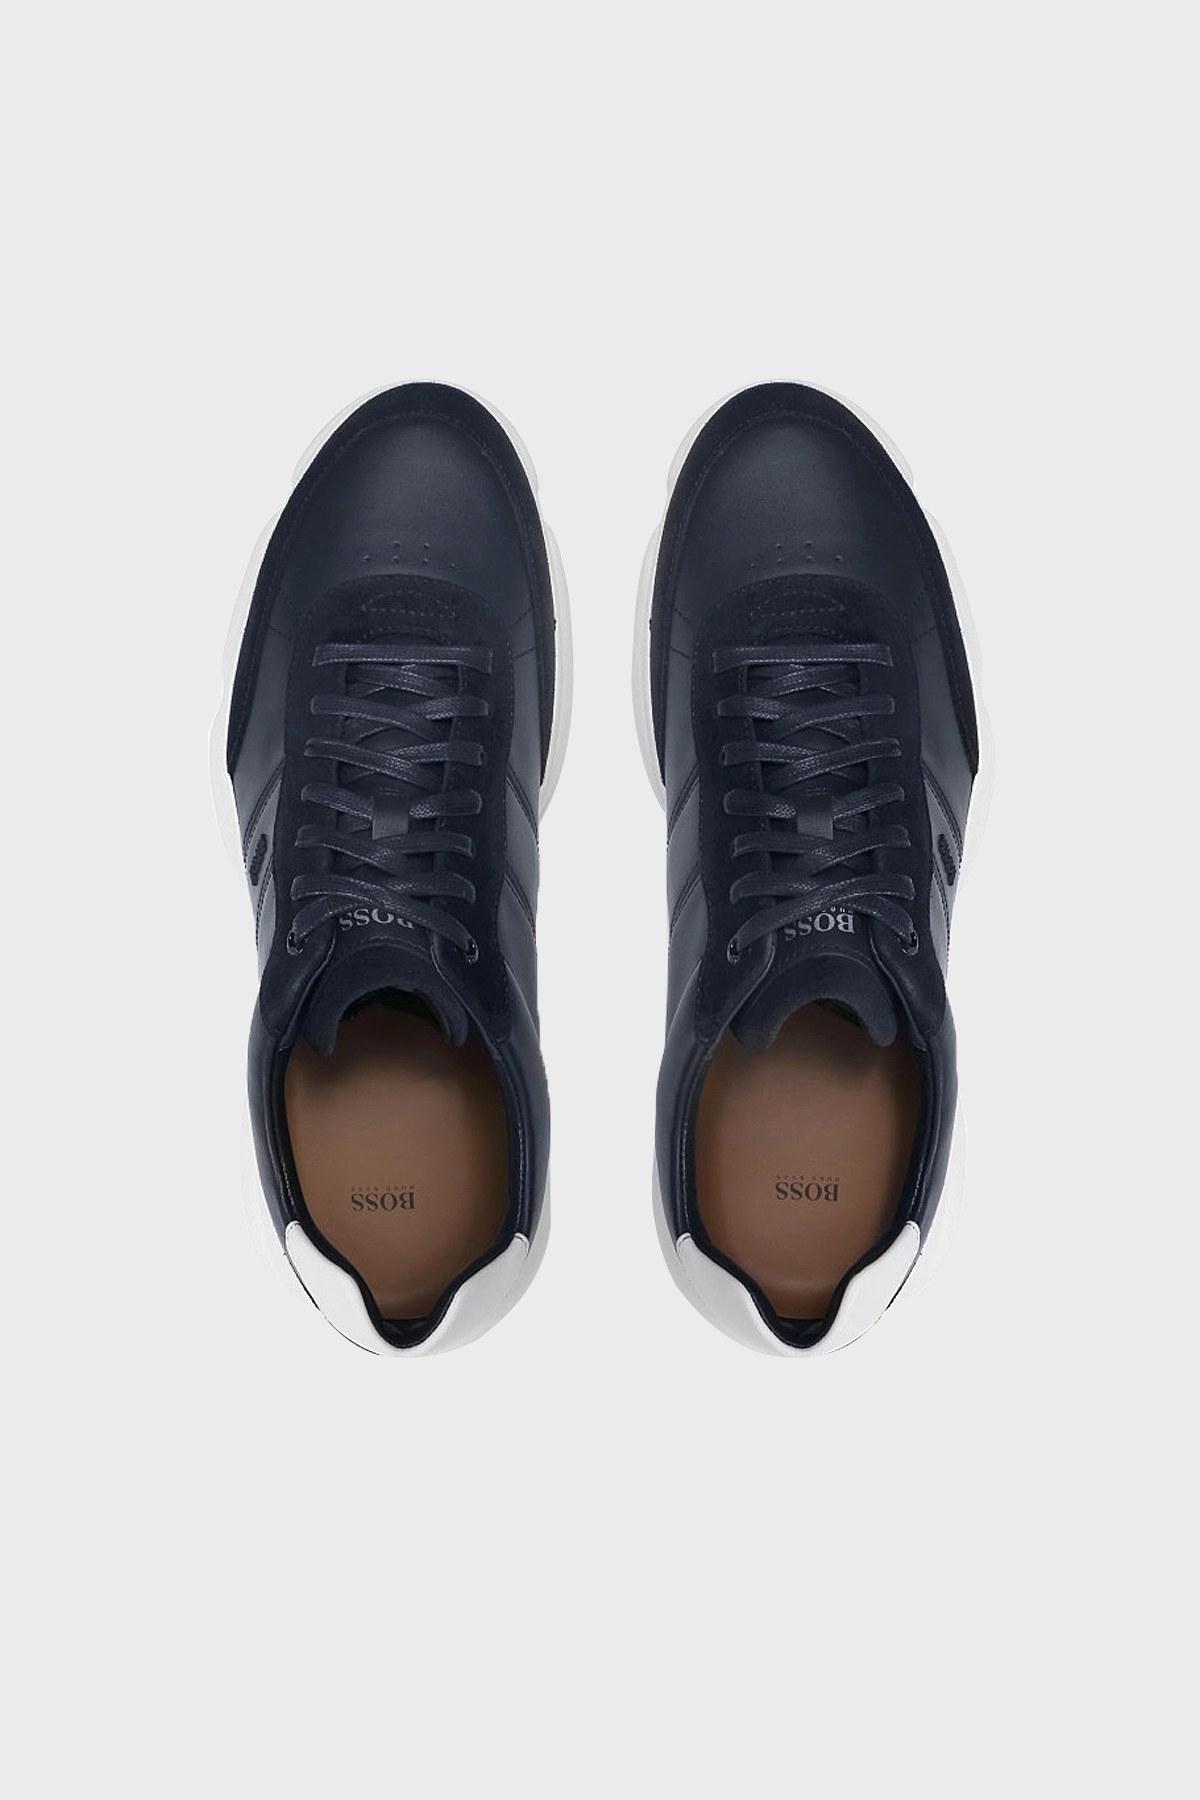 Hugo Boss Erkek Ayakkabı 50454970 401 LACİVERT